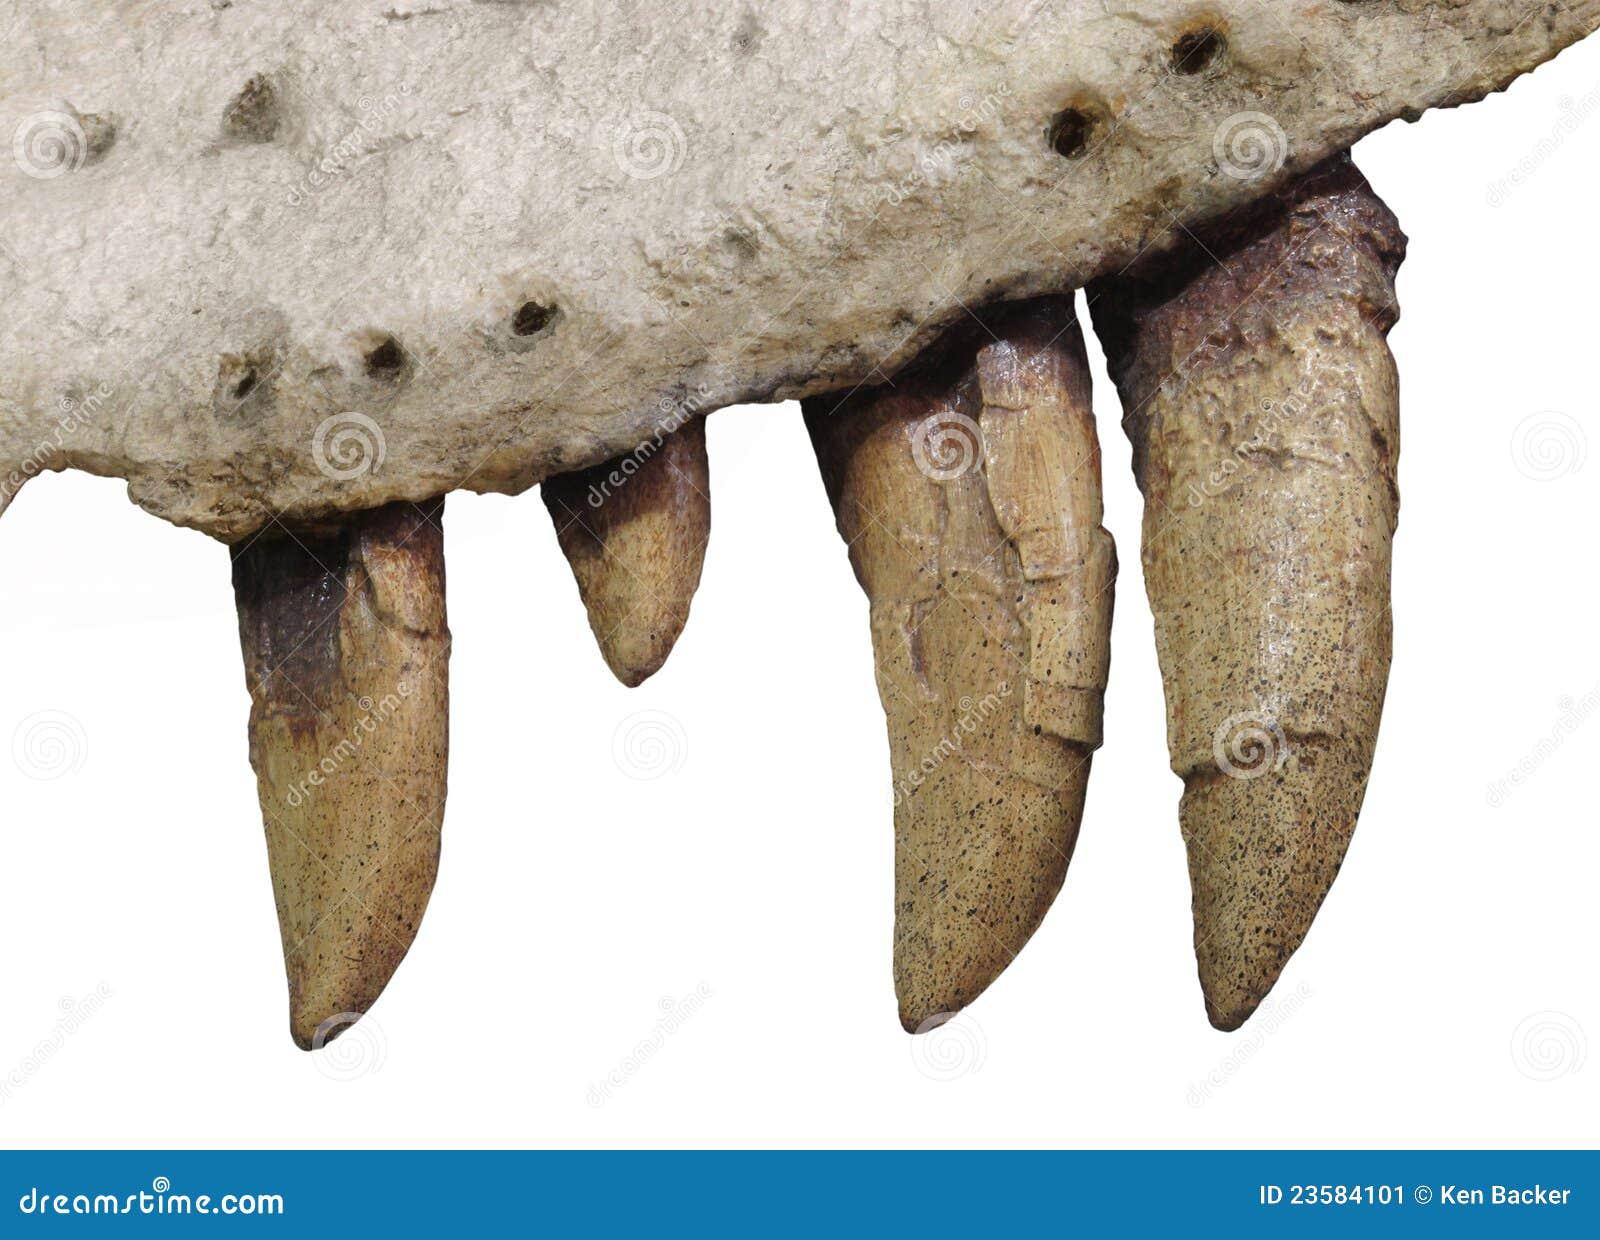 http://thumbs.dreamstime.com/z/fossiel-tanden-en-kaakbeen-van-ge\u00efsoleerde-dinosaurus-23584101.jpg